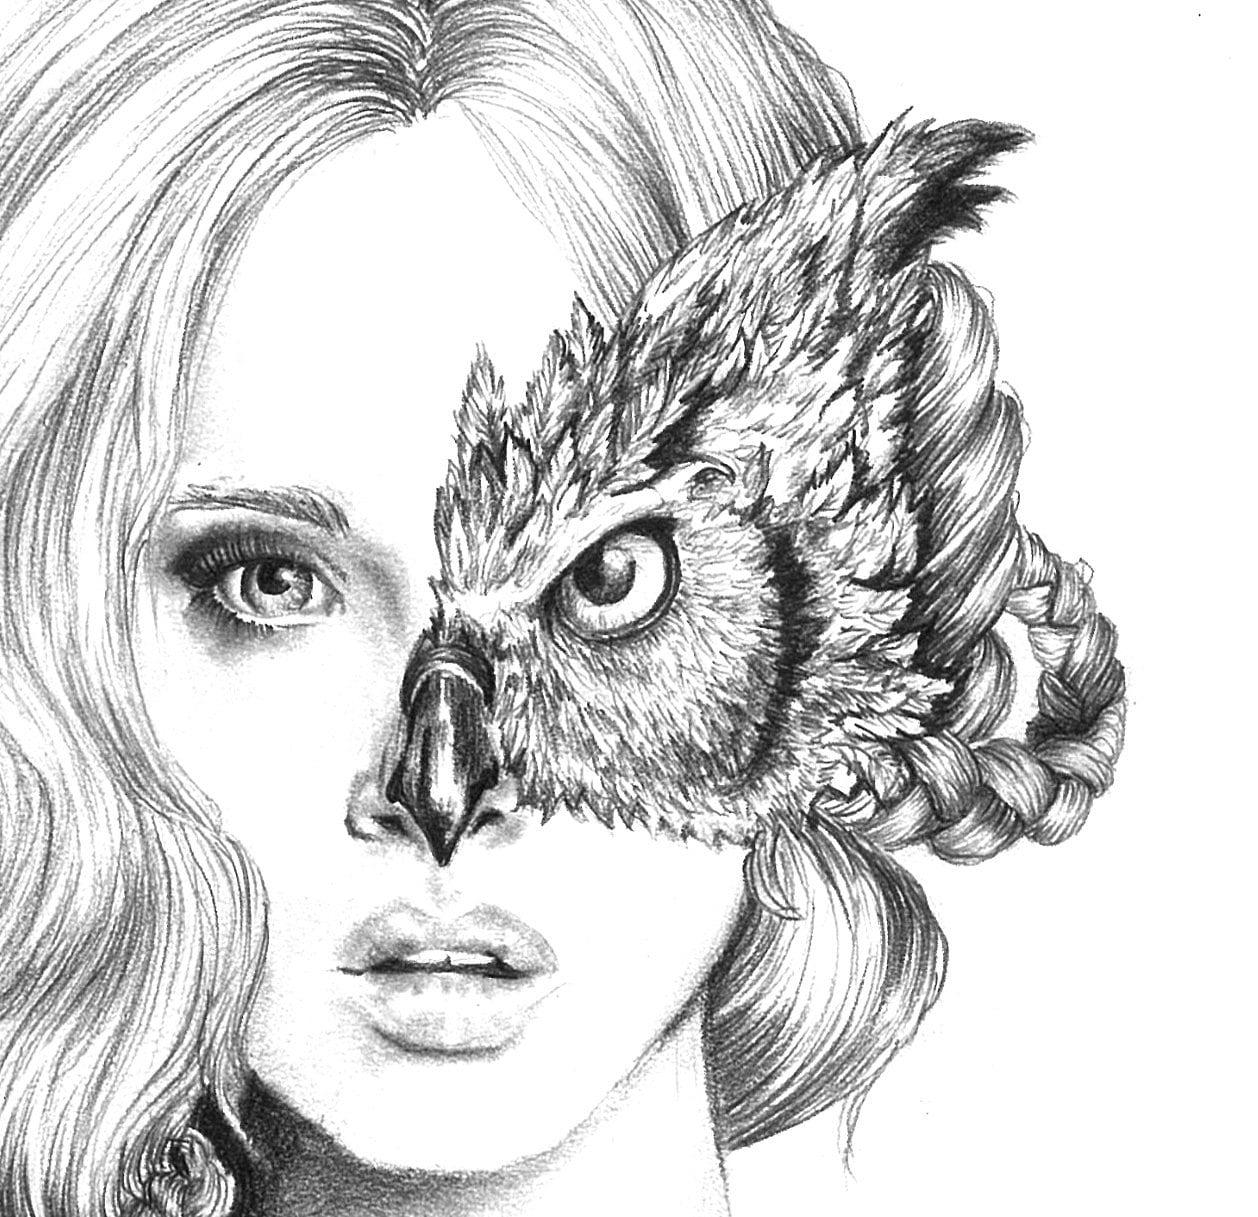 Iris Illustration Owl Mask Black And White 8X10 Signed